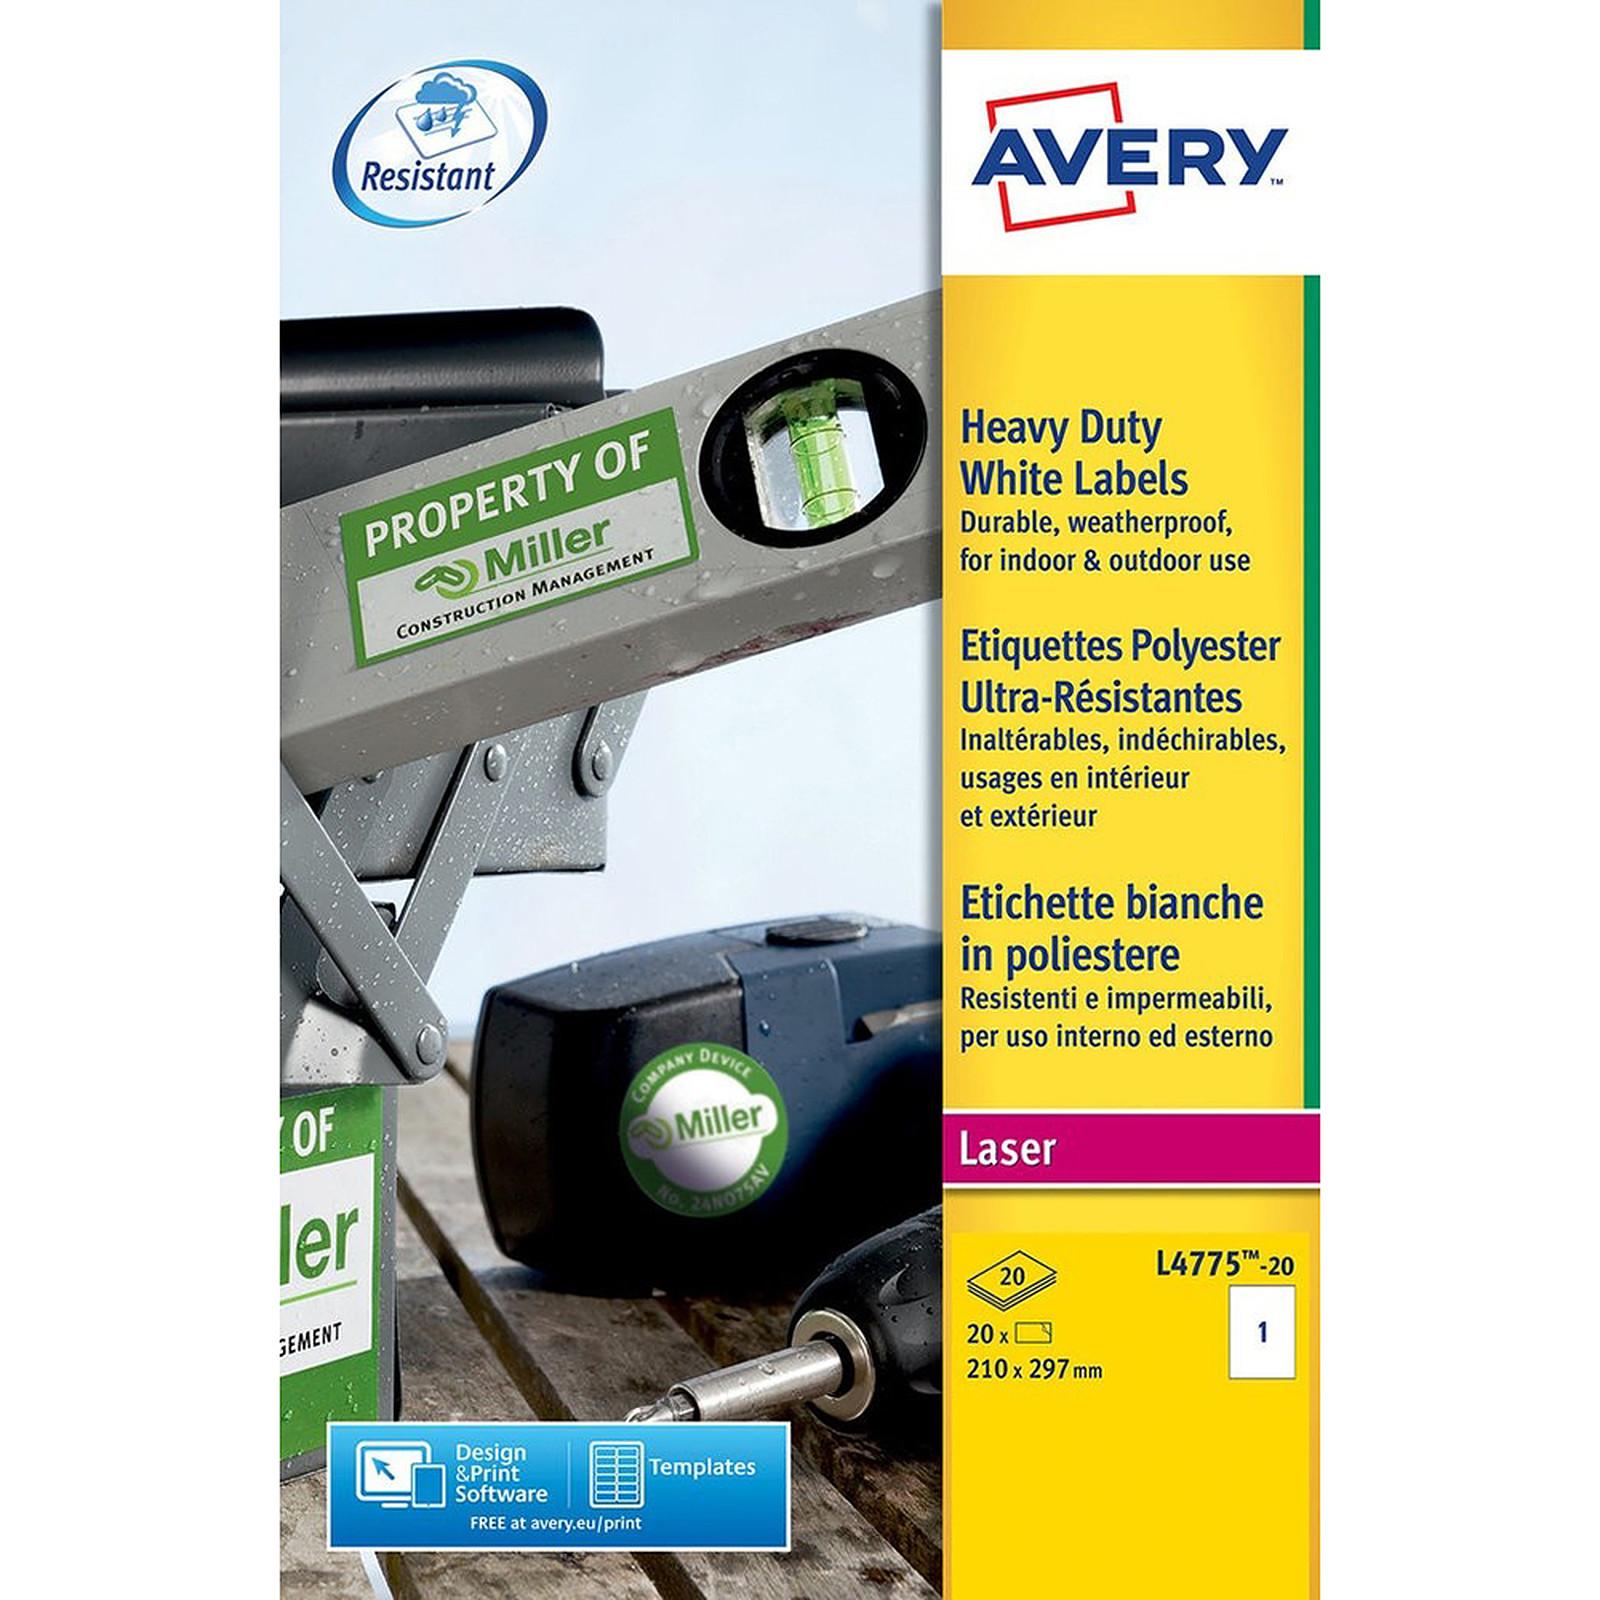 Avery Etiquettes ultra-résistante 297 x 210 mm